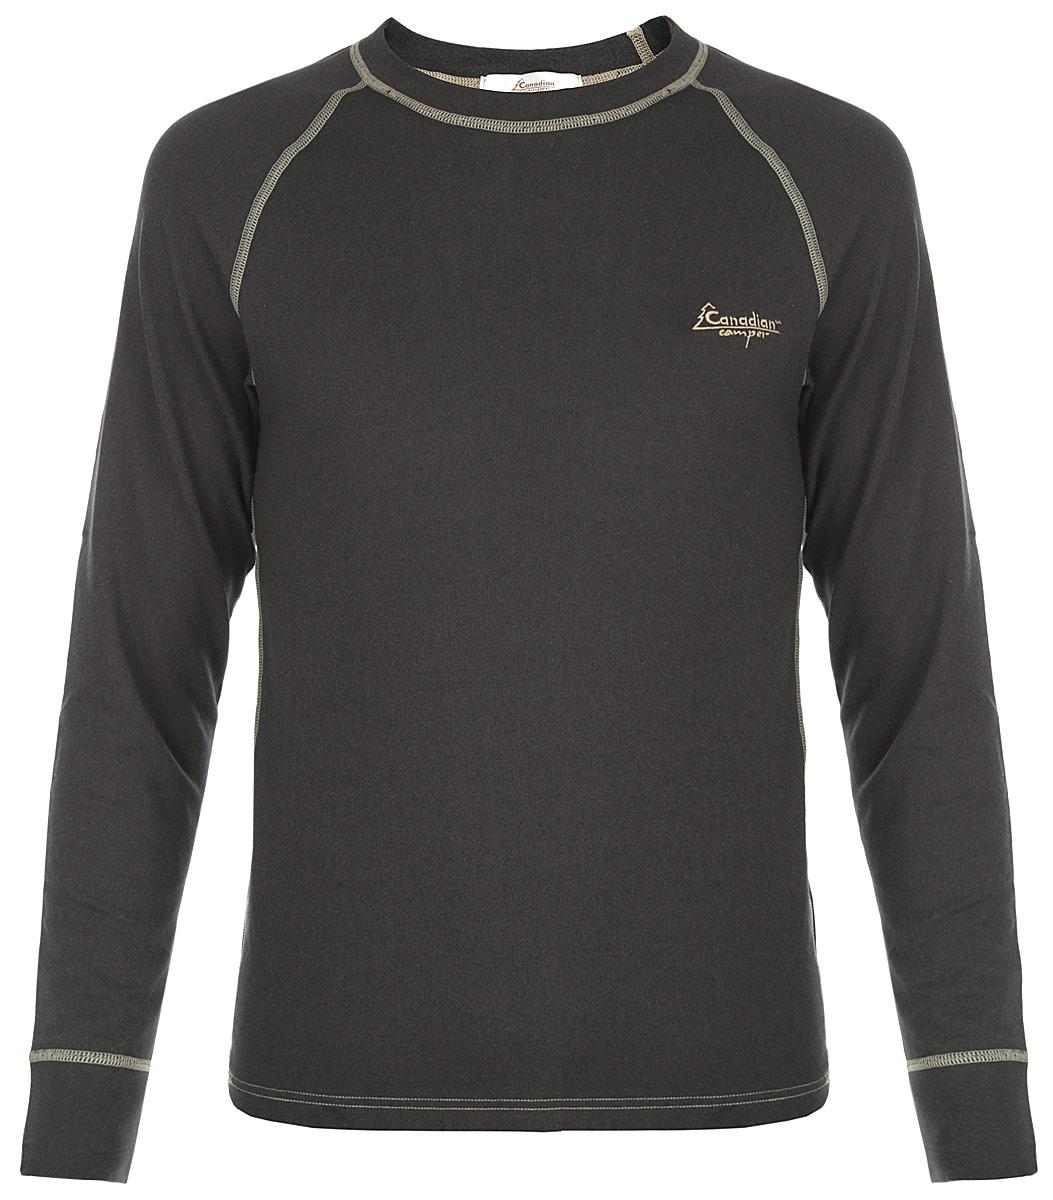 Термобелье кофта мужская Thermal Underwear Top SilvianФуфайка CANADIAN CAMPER SILVANУниверсальное термобелье Canadian Camper для средних нагрузок с антибактериальной пропиткой отличается конструкцией рукавов и дизайном. Для охотников и рыболовов. Хлопок делает эту модель плотной, уютной и приятной на ощупь. Модал быстро выводит влагу - это мягкое, но износостойкое вискозное волокно не дает усадку, прекрасно стирается и делает белье мягким. В сочетании с полиэстером может поглотить и вывести больше влаги и поддерживать тело в сухом и комфортном состоянии. Антибактериальная пропитка с триклозаном не угнетает полезную микрофлору человека, действует против болезнетворных бактерий, сохраняется не менее чем при 50-ти стирках. Рукава-реглан оформлены эластичными манжетами. На груди расположен логотип бренда. Температурный режим от 0° С до -30° С. Термобелье Canadian Camper можно использовать, как при высокой физической активности так и при малой подвижности (зимняя рыбалка, охота, катание на снегоходах).